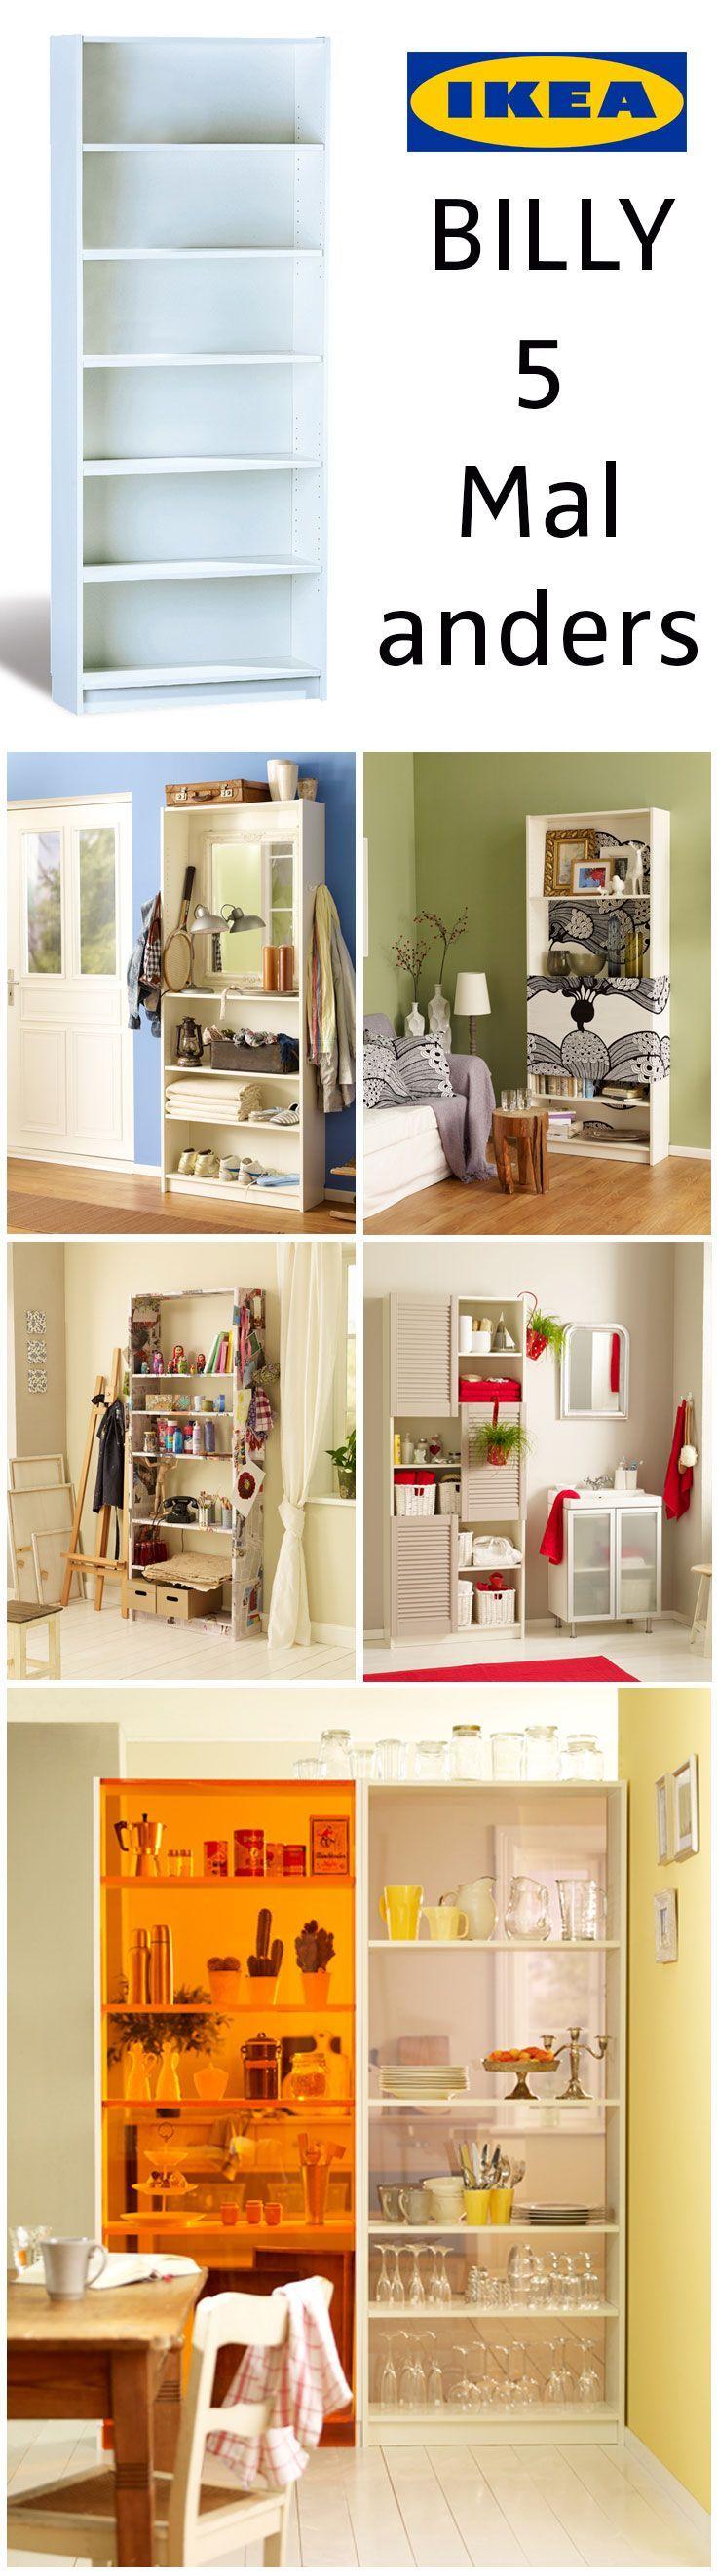 das ikea billy regal ist ein klassiker doch muss nicht immer nur ein b cherregal sein wir. Black Bedroom Furniture Sets. Home Design Ideas